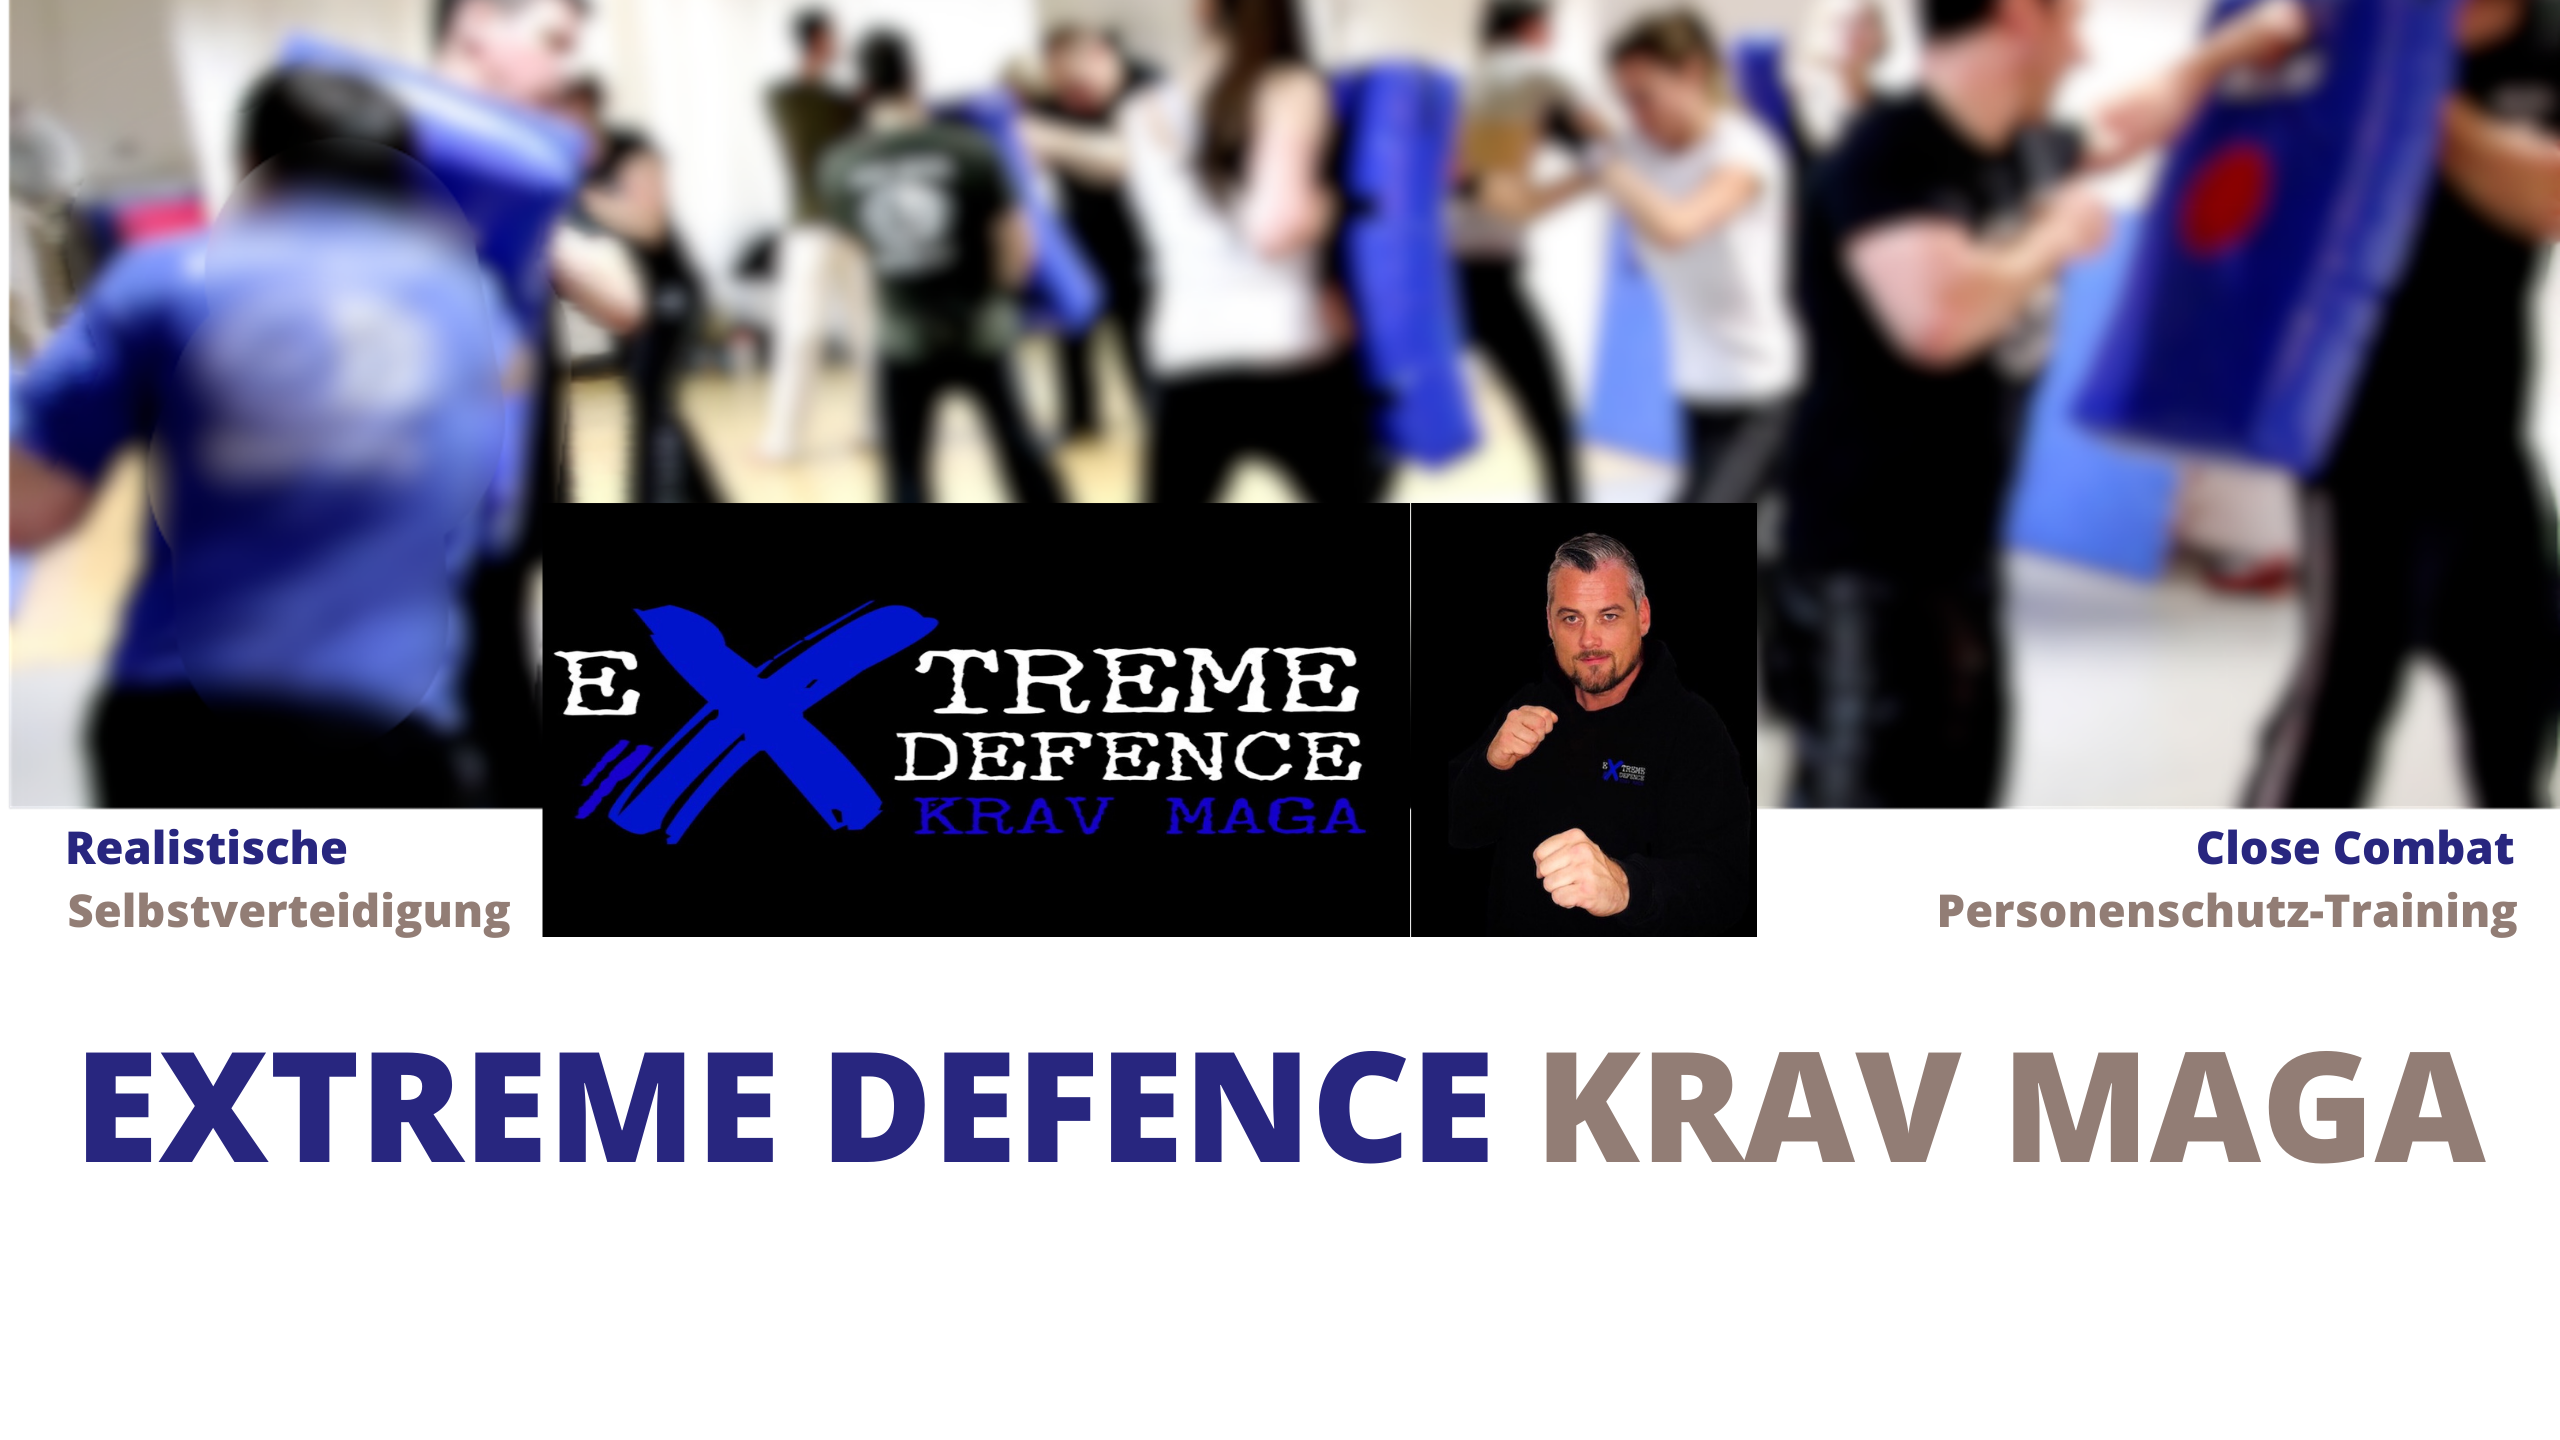 Extreme Defence Krav Maga